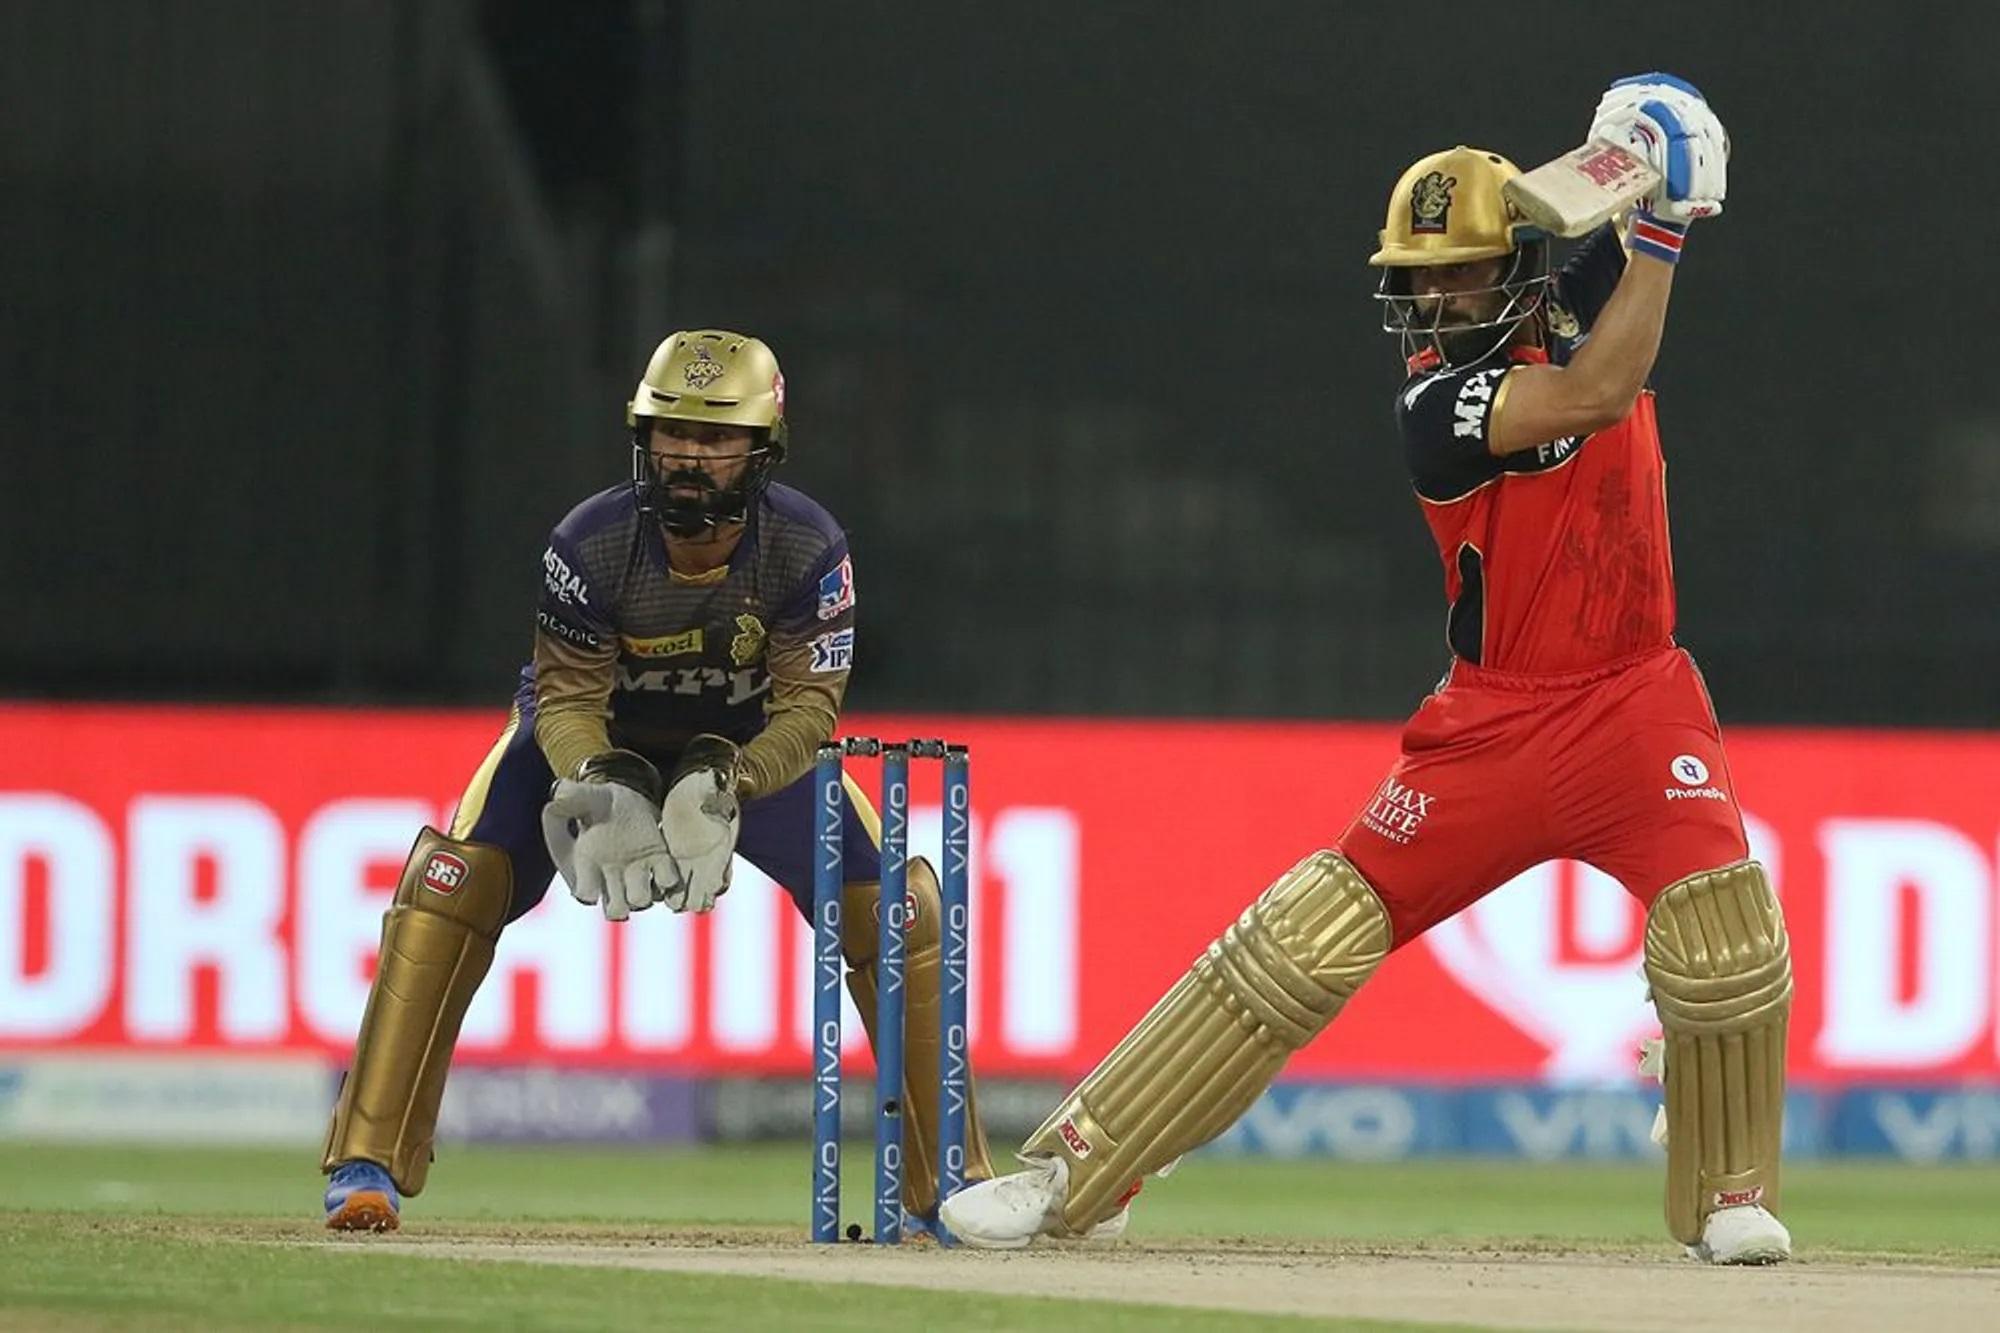 अपनी विदाई को किसी तरह दुखदाई होने से बचाने में लगे विराट कोहली ने अपनी टीम की ओर से सबसे ज्यादा रन की पारी खेली। उन्होंने 33 गेंद में 35 रन की कप्तानी पारी खेली। वो सुनील नरेन की एक शानदार गेंद पर बोल्ड हुए।